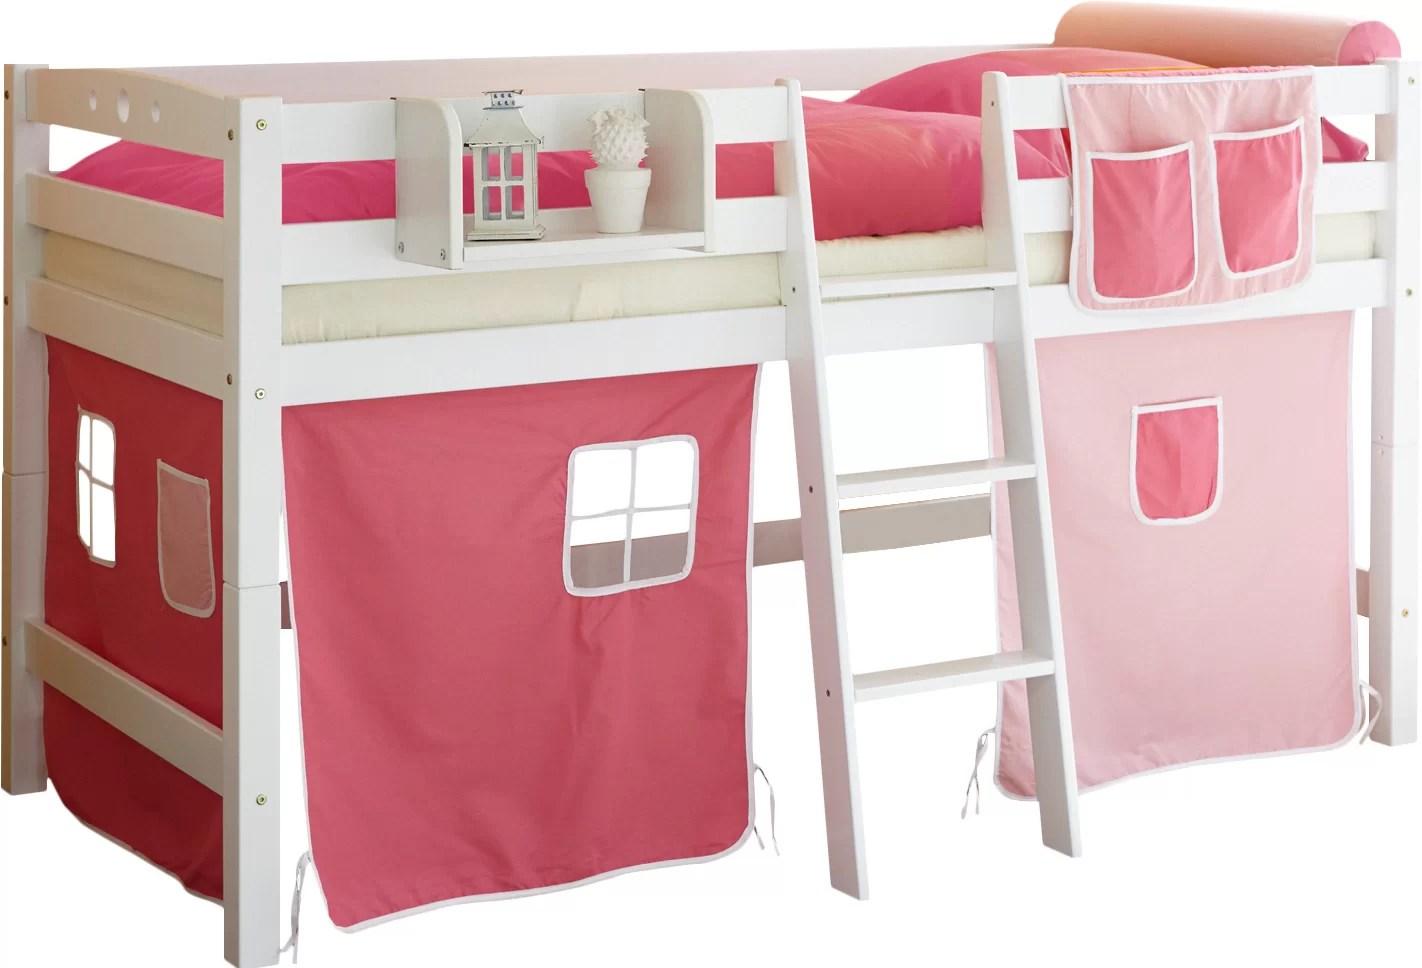 Etagenbett Leiter Schutz : Hochbett schutz erwachsene ikea luxus hochbetten